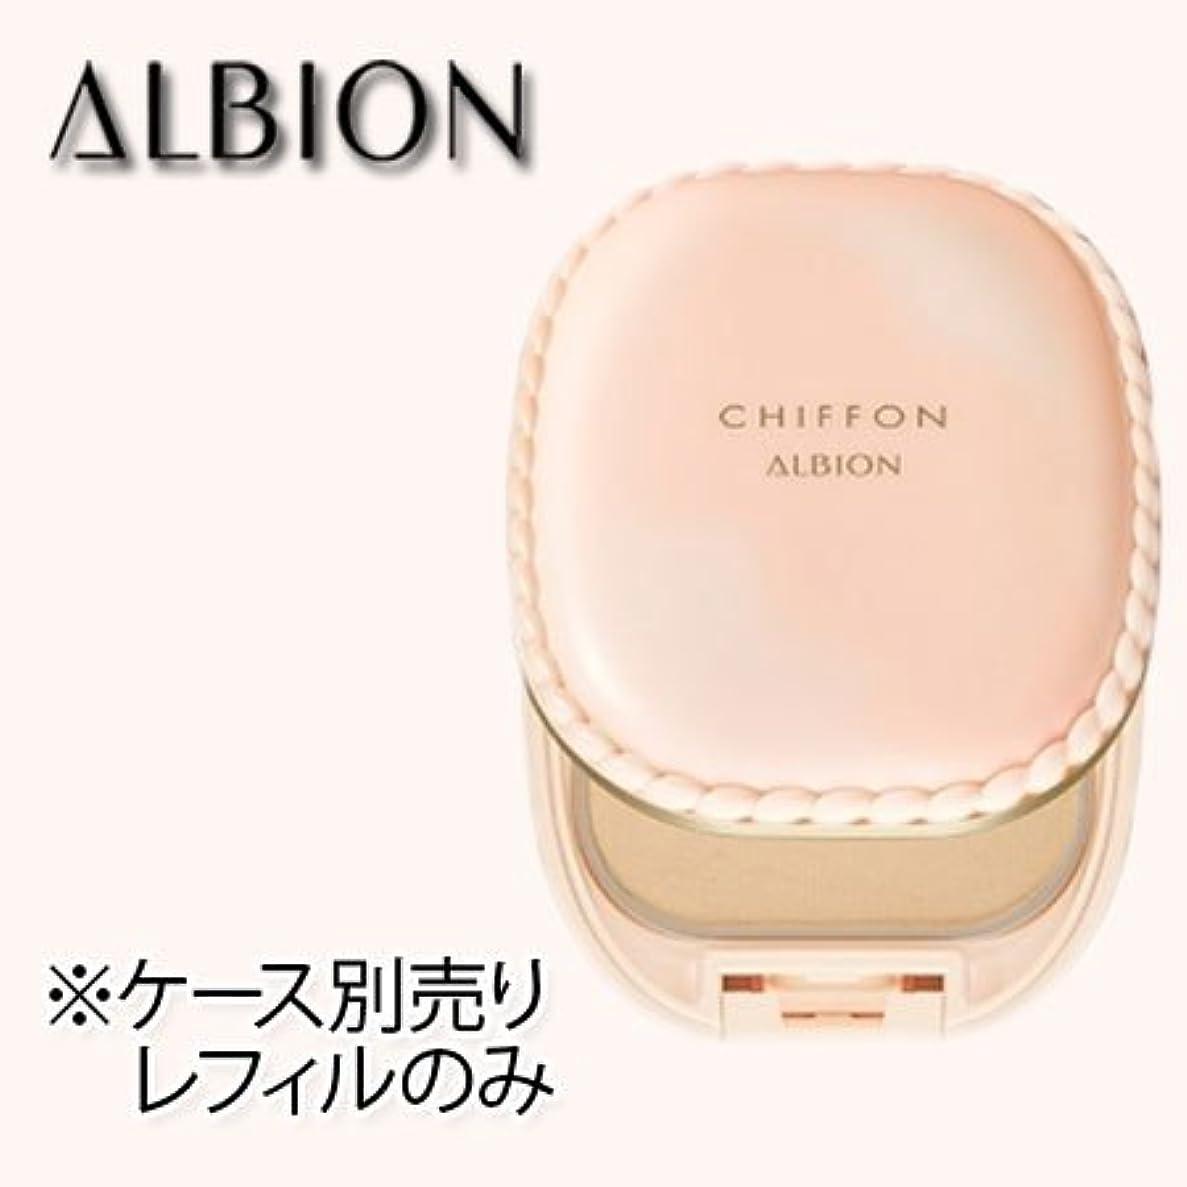 アルビオン スウィート モイスチュア シフォン (レフィル) 10g 6色 SPF22 PA++-ALBION- 050